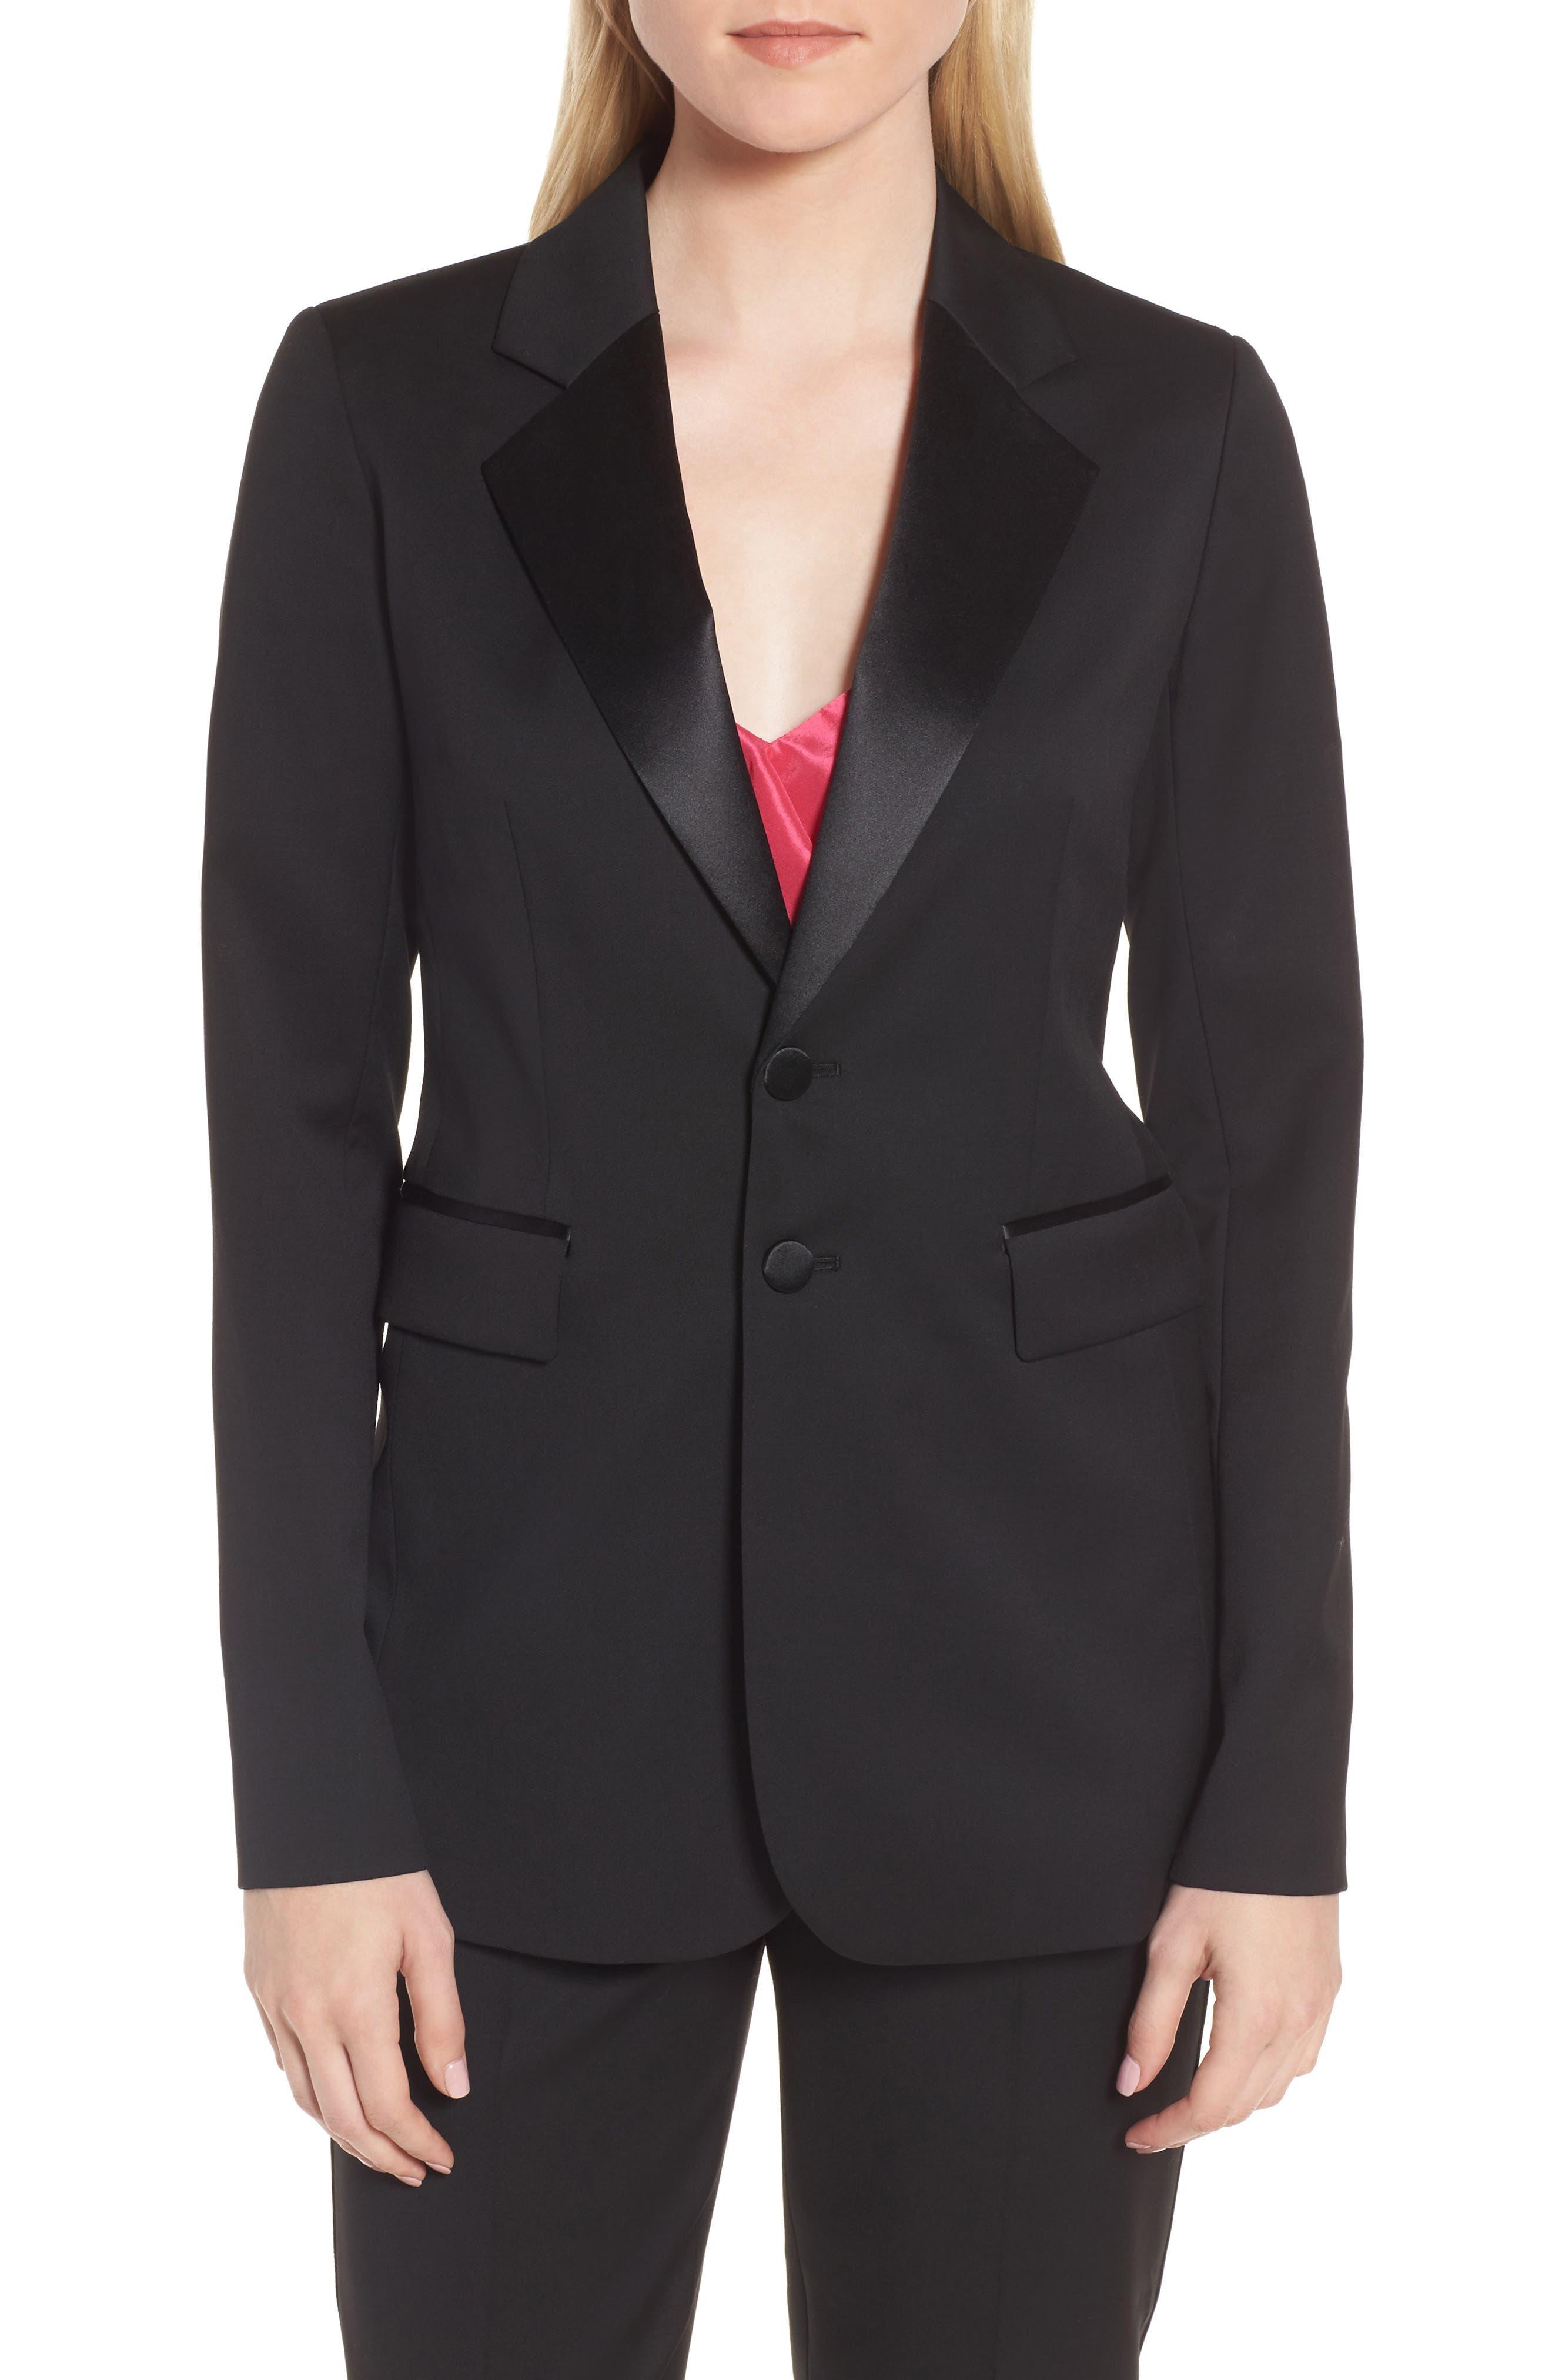 LEWIT Tuxedo Detail Wool Suit Jacket, Main, color, 001